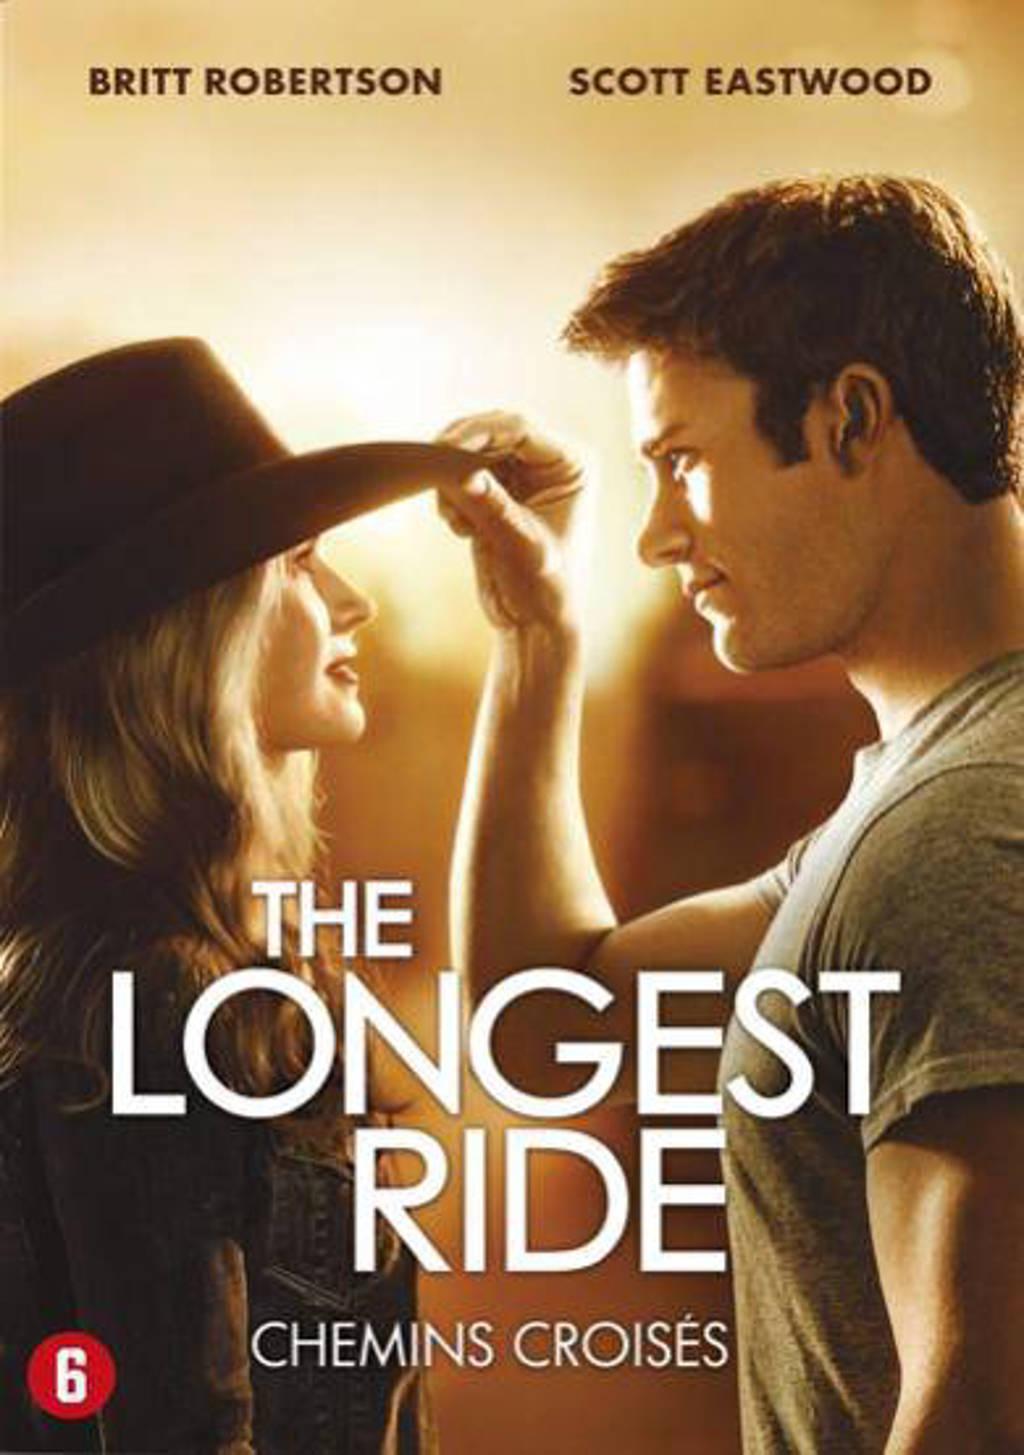 Longest ride (DVD)